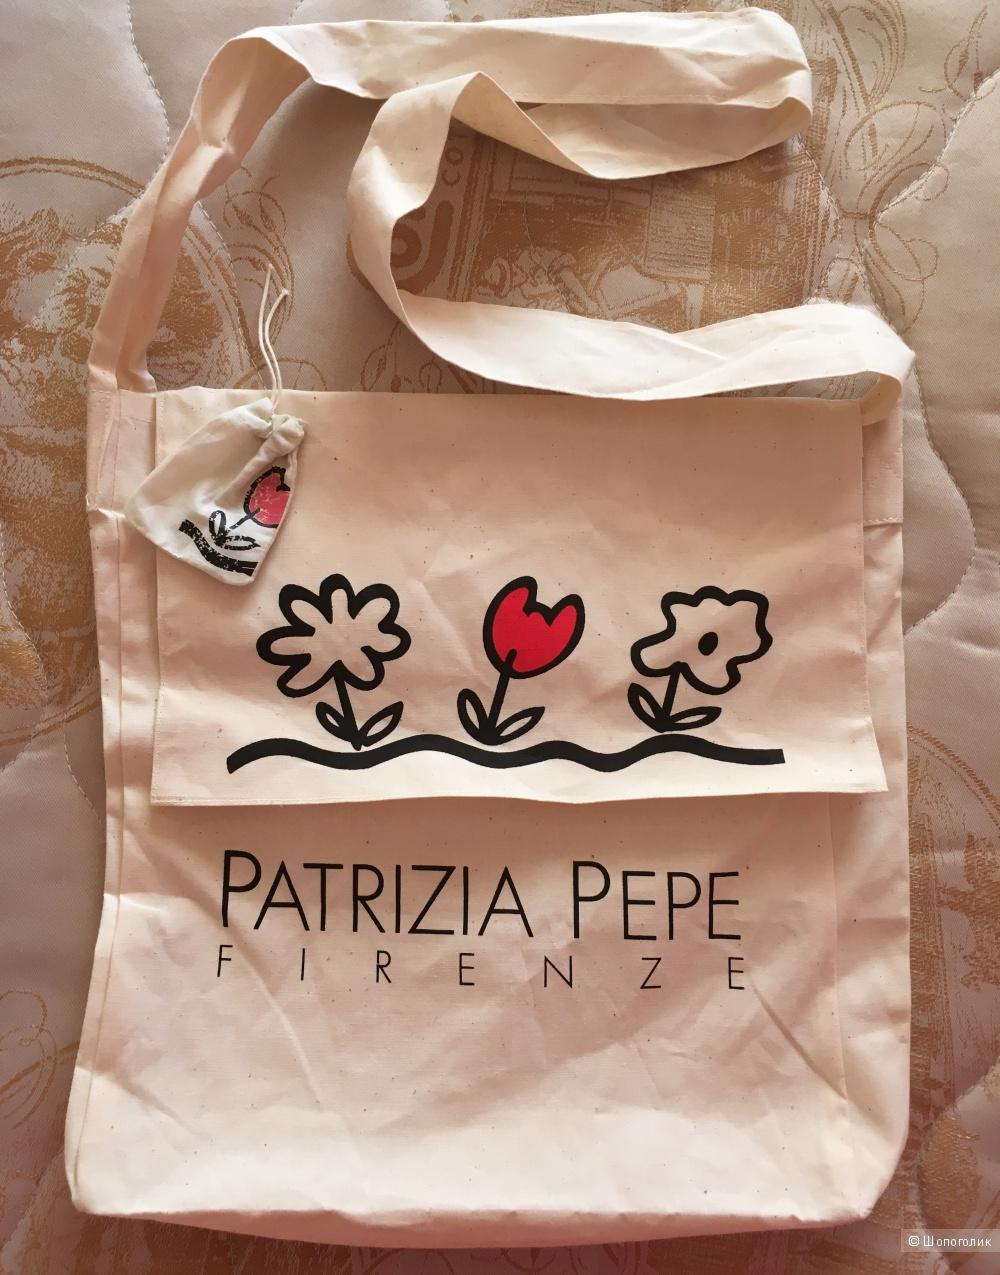 Жилетка Patrizia Pepe, размер 38 (XXS)